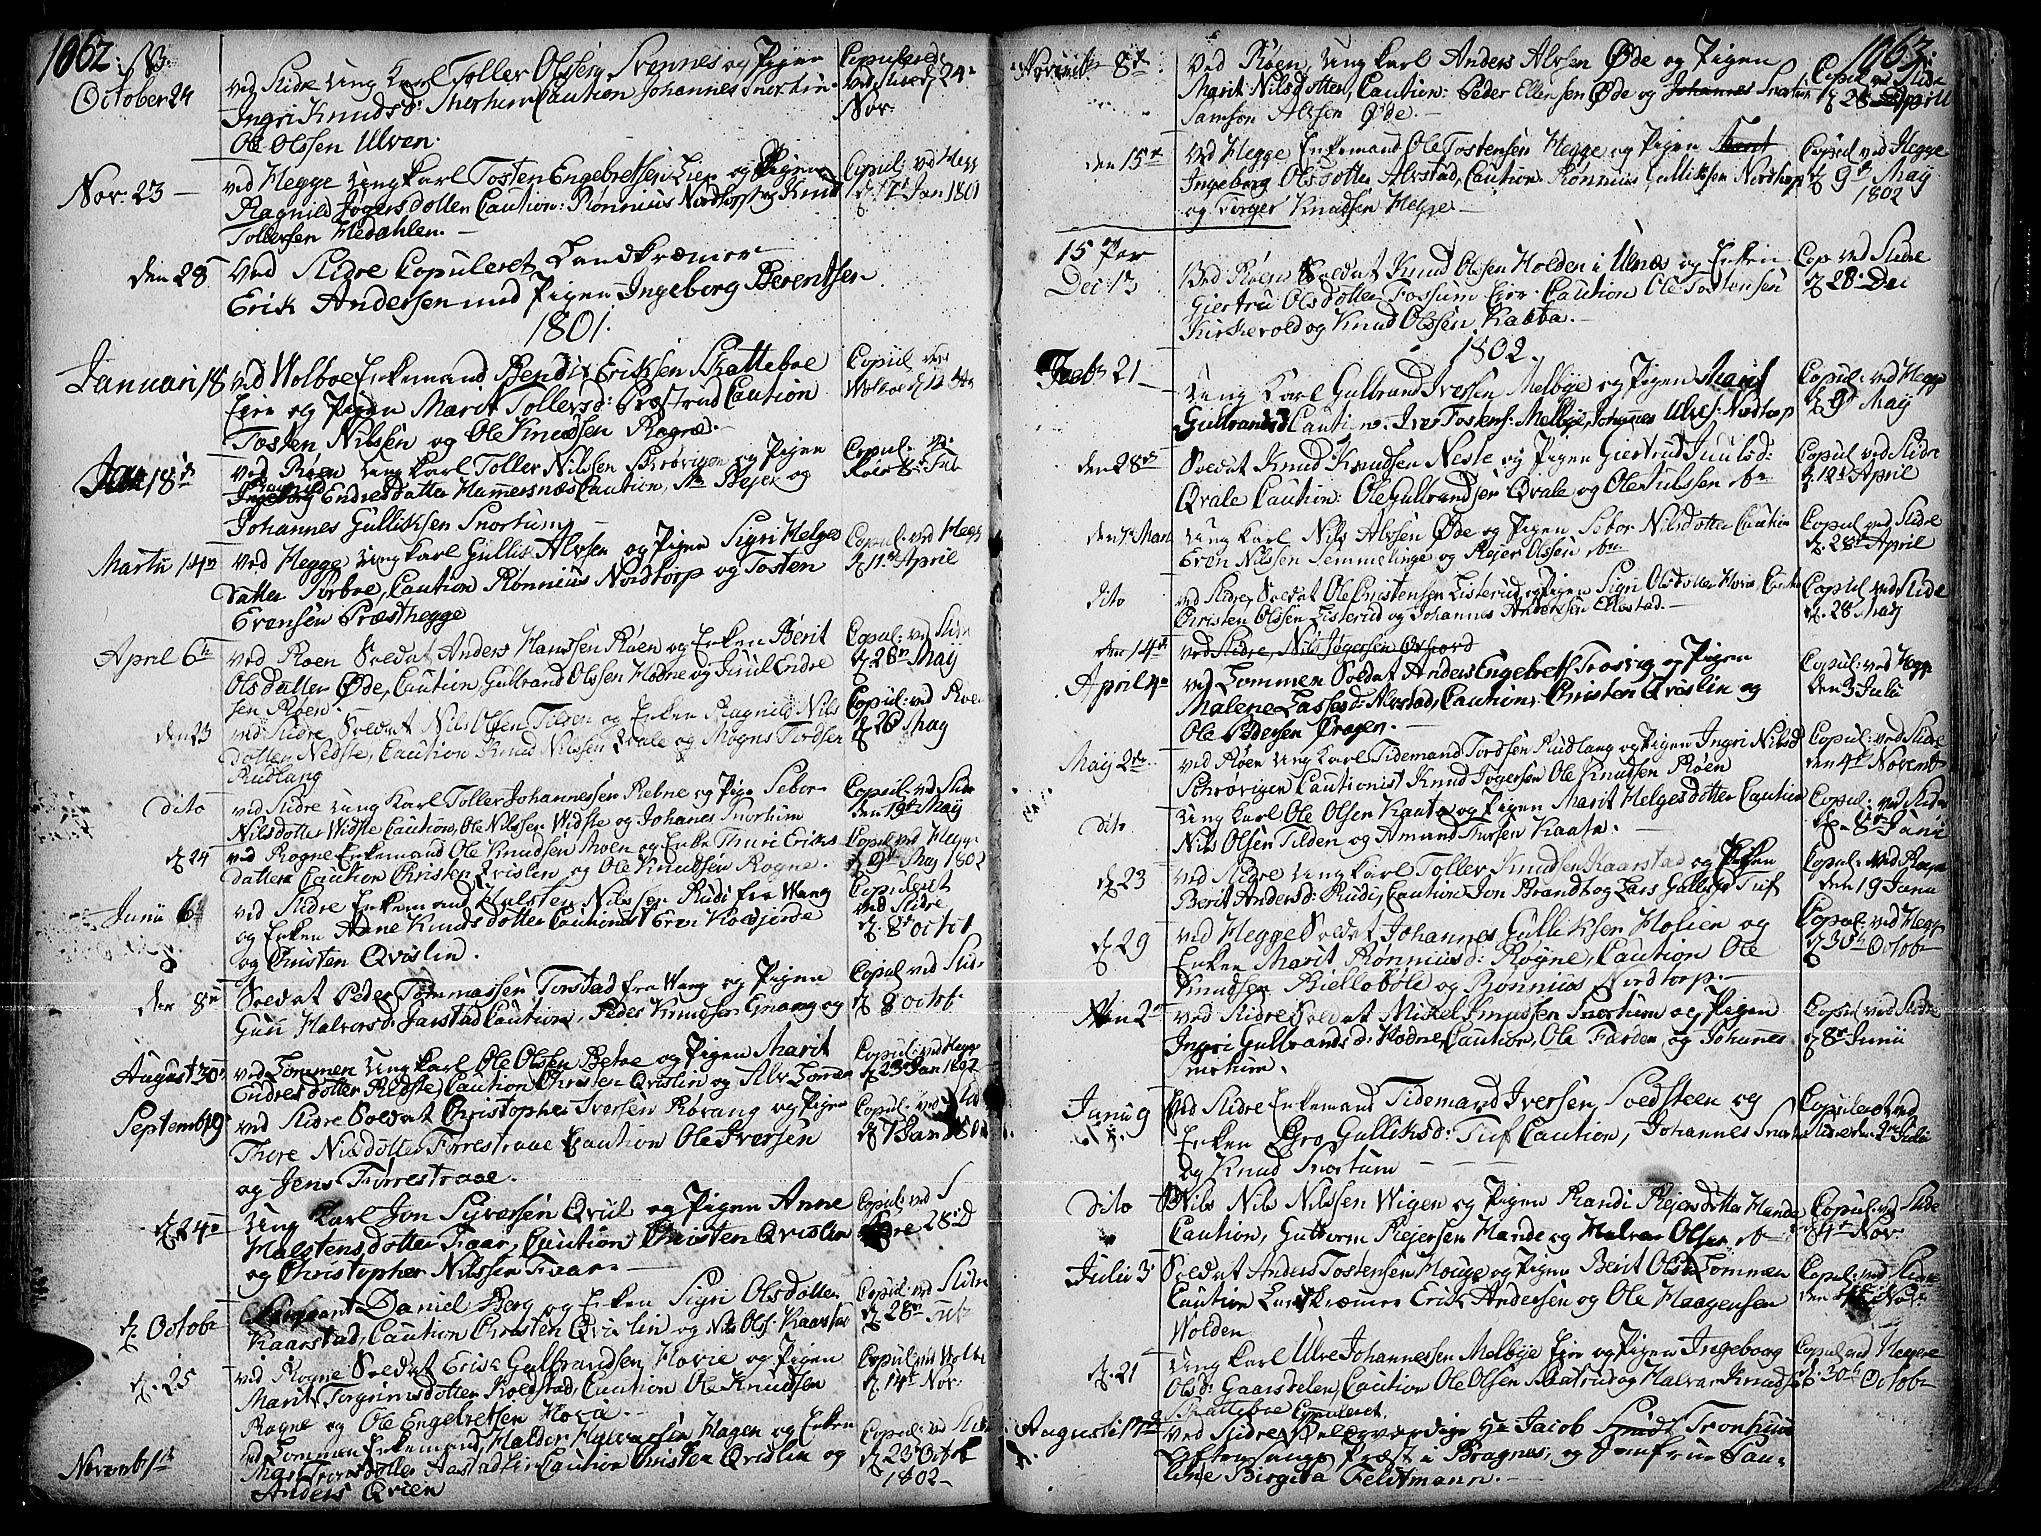 SAH, Slidre prestekontor, Ministerialbok nr. 1, 1724-1814, s. 1062-1063